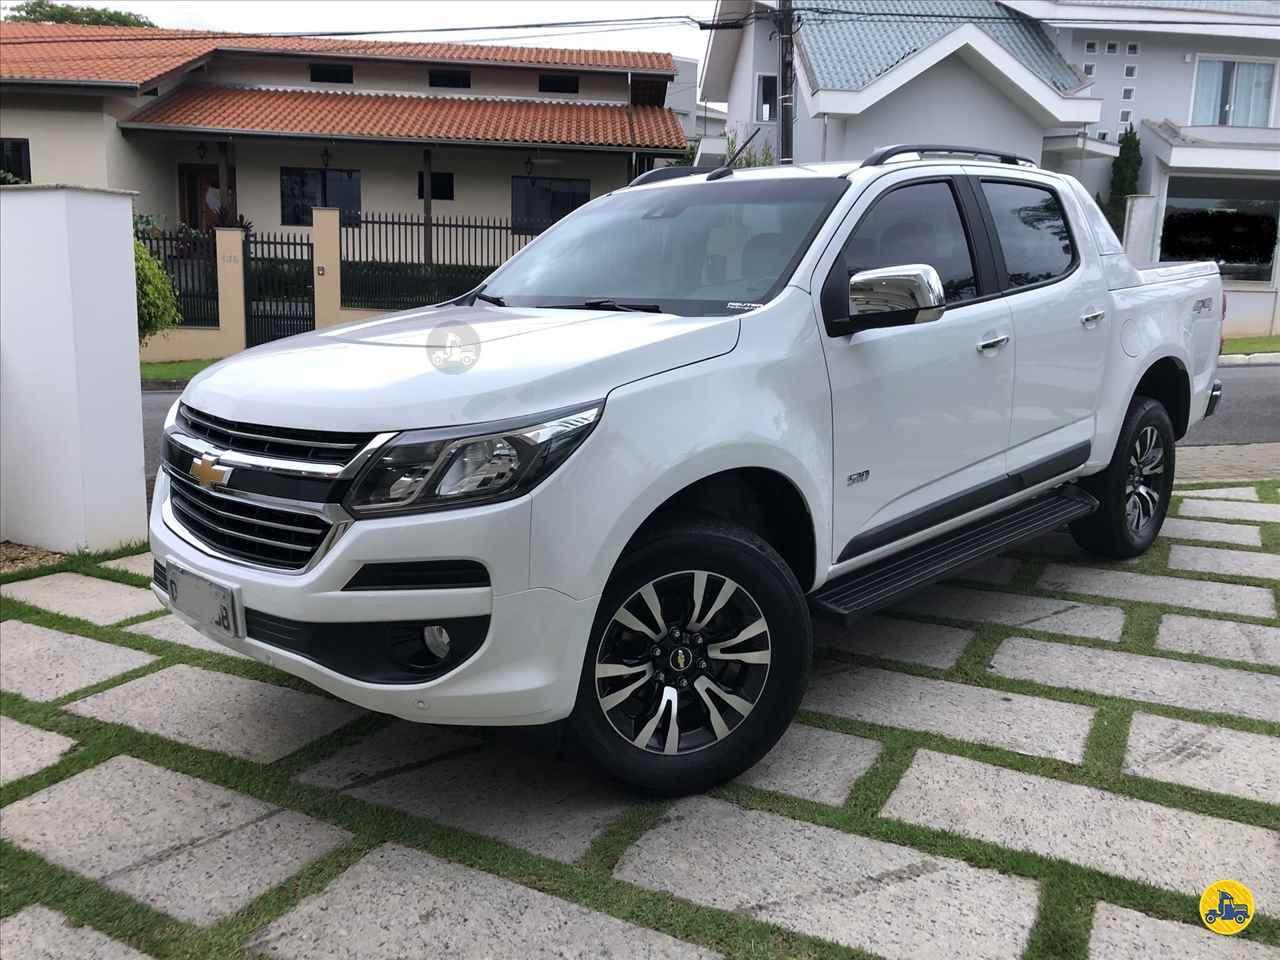 GM - Chevrolet S10 2.8 CD LTZ 44000km 2017/2018 Divisa Caminhões